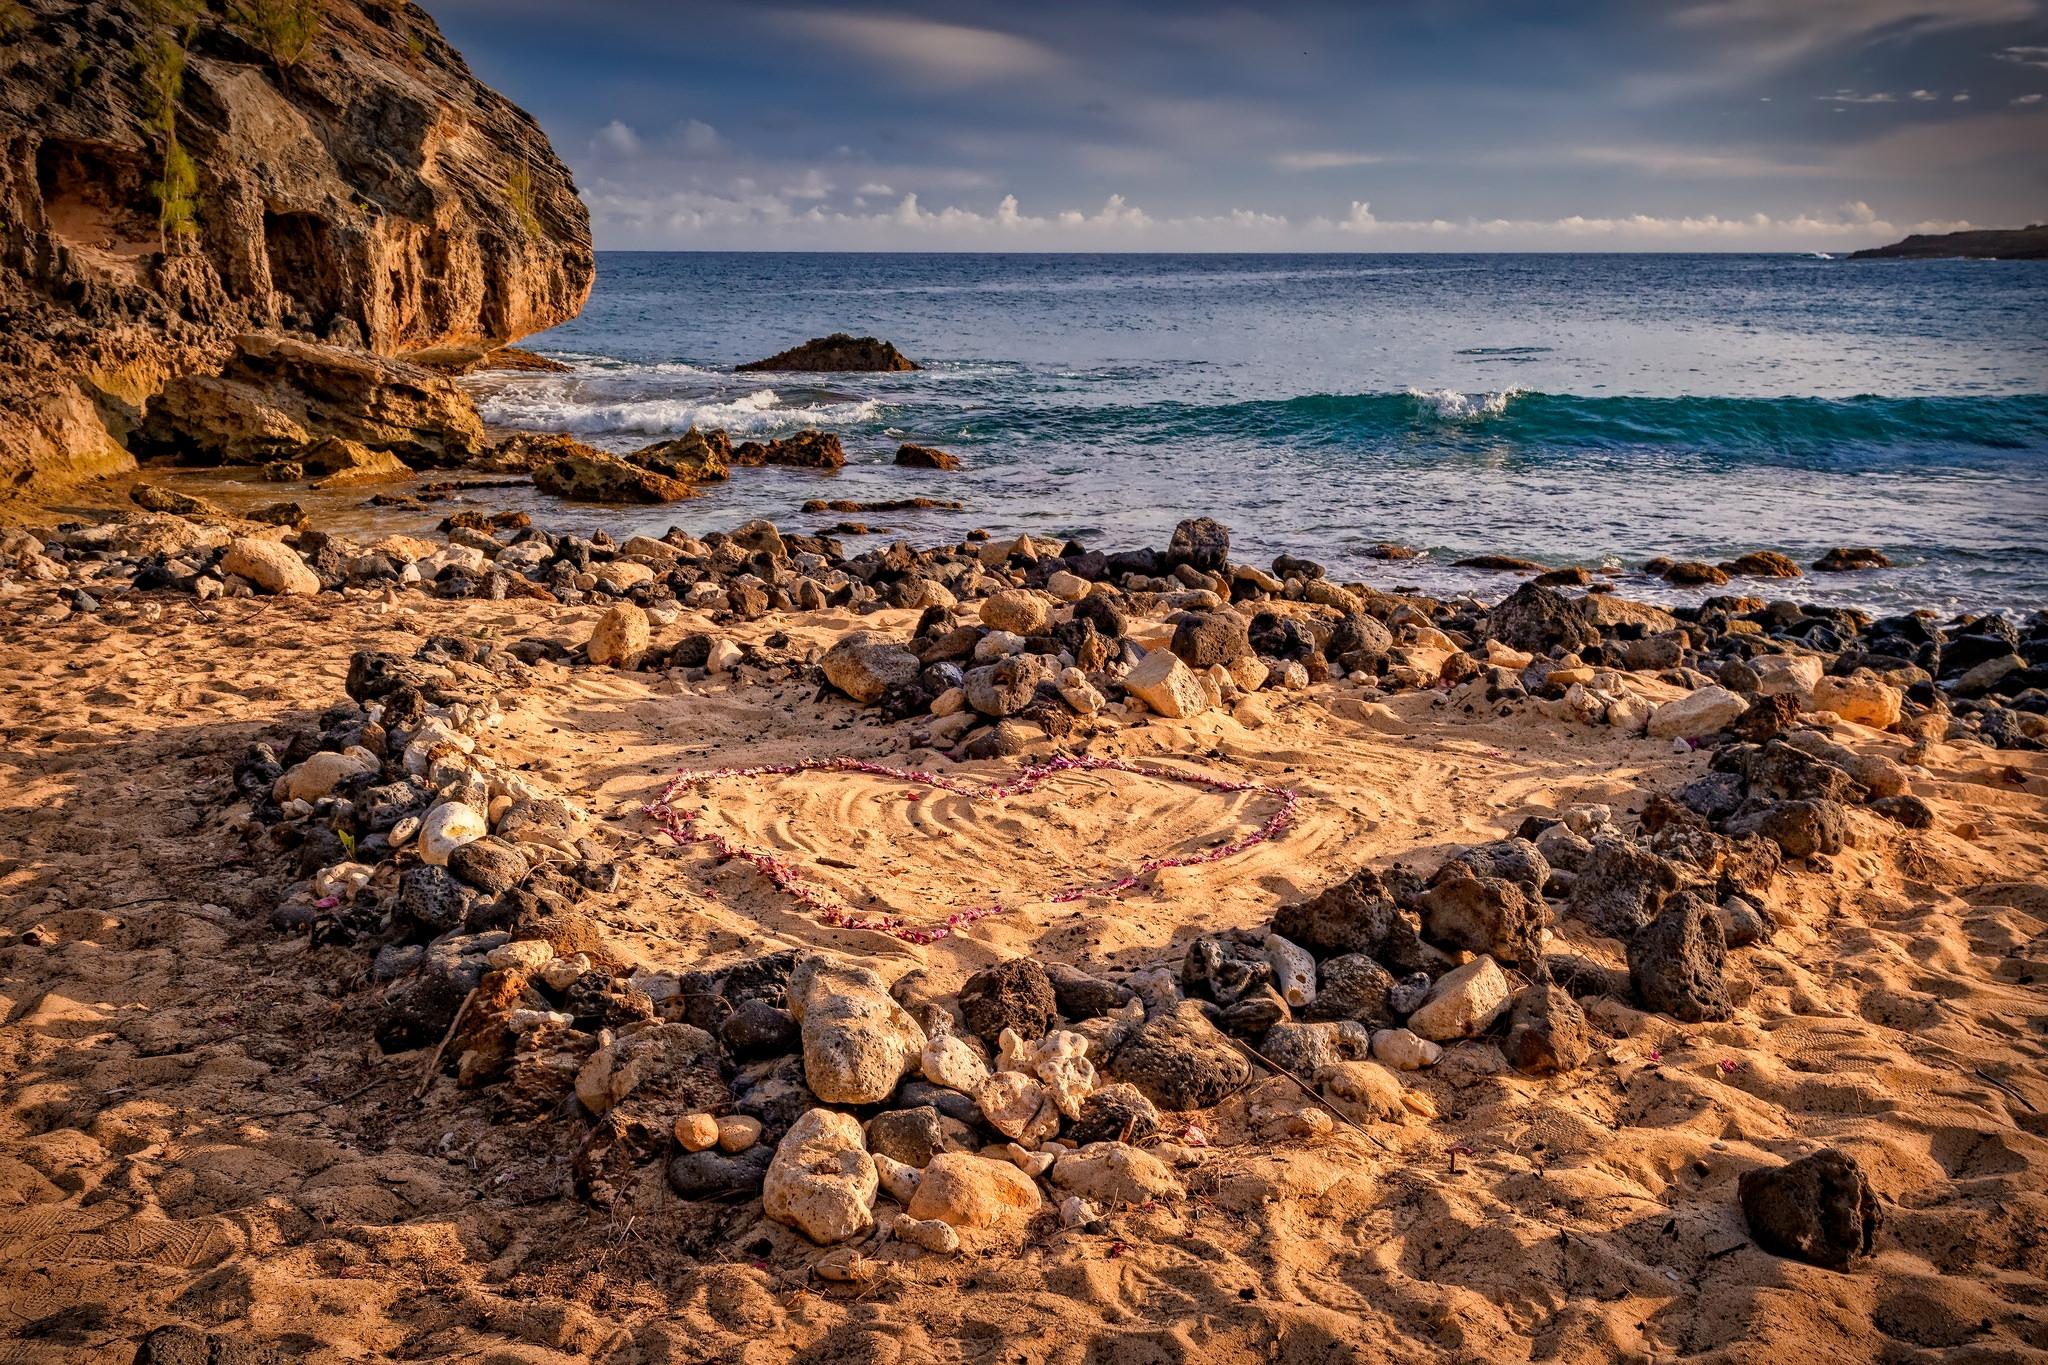 Гавайи, море, берег